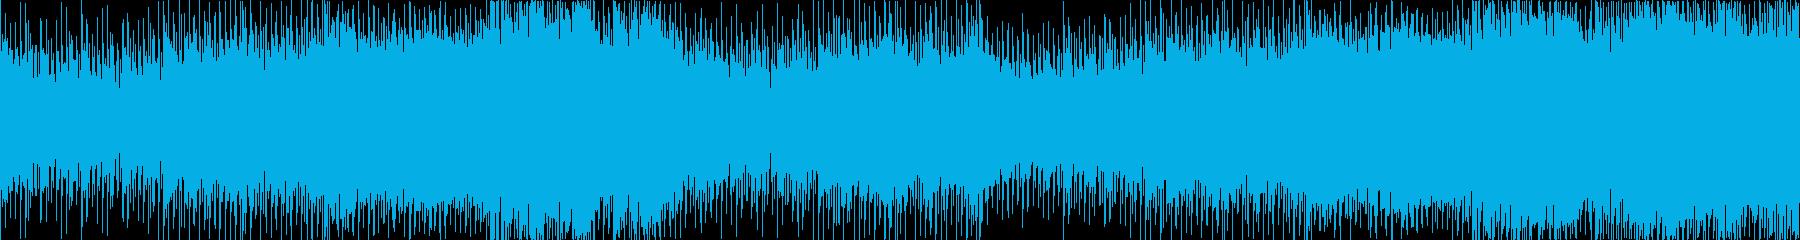 【リミックス】お洒落で力強いゲーム戦闘曲の再生済みの波形